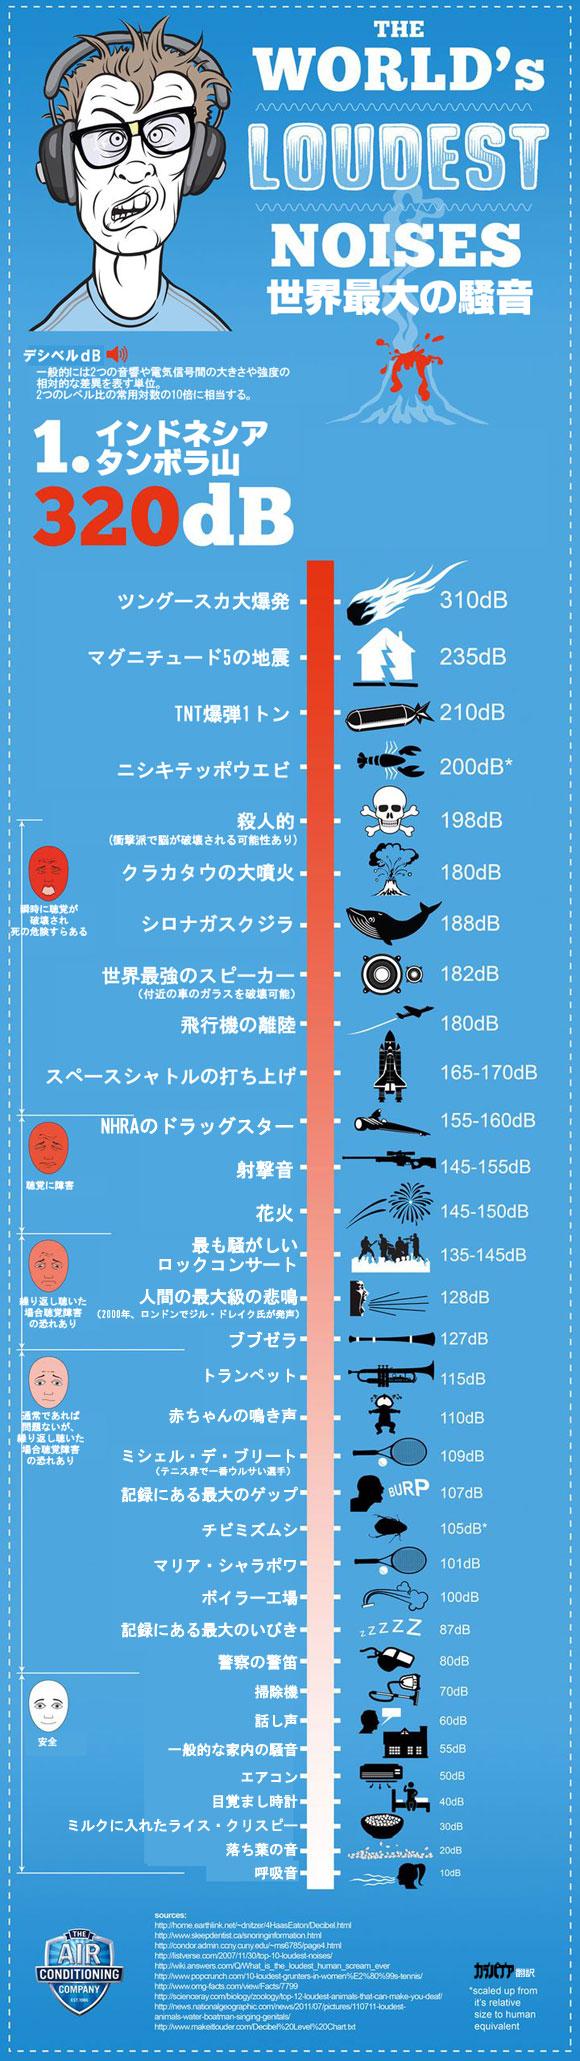 インフォグラフィック:ニシキテッポウエビの武器は爆音。音が200dBになると人の命の危険も